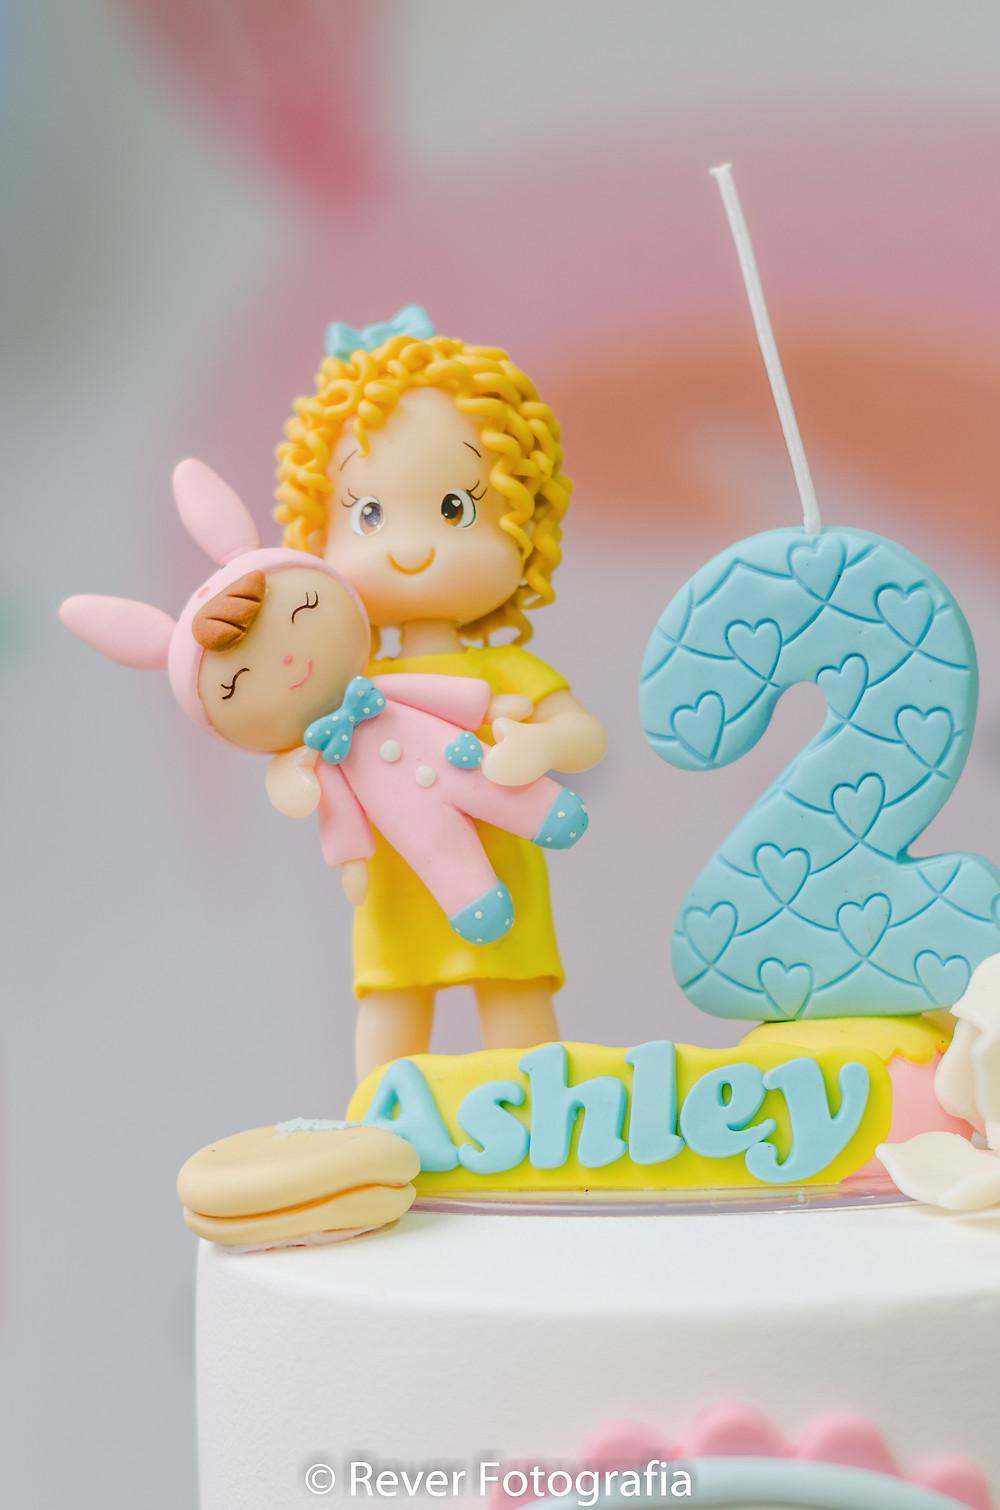 fotografia de vela de aniversário decorada com boneca me too